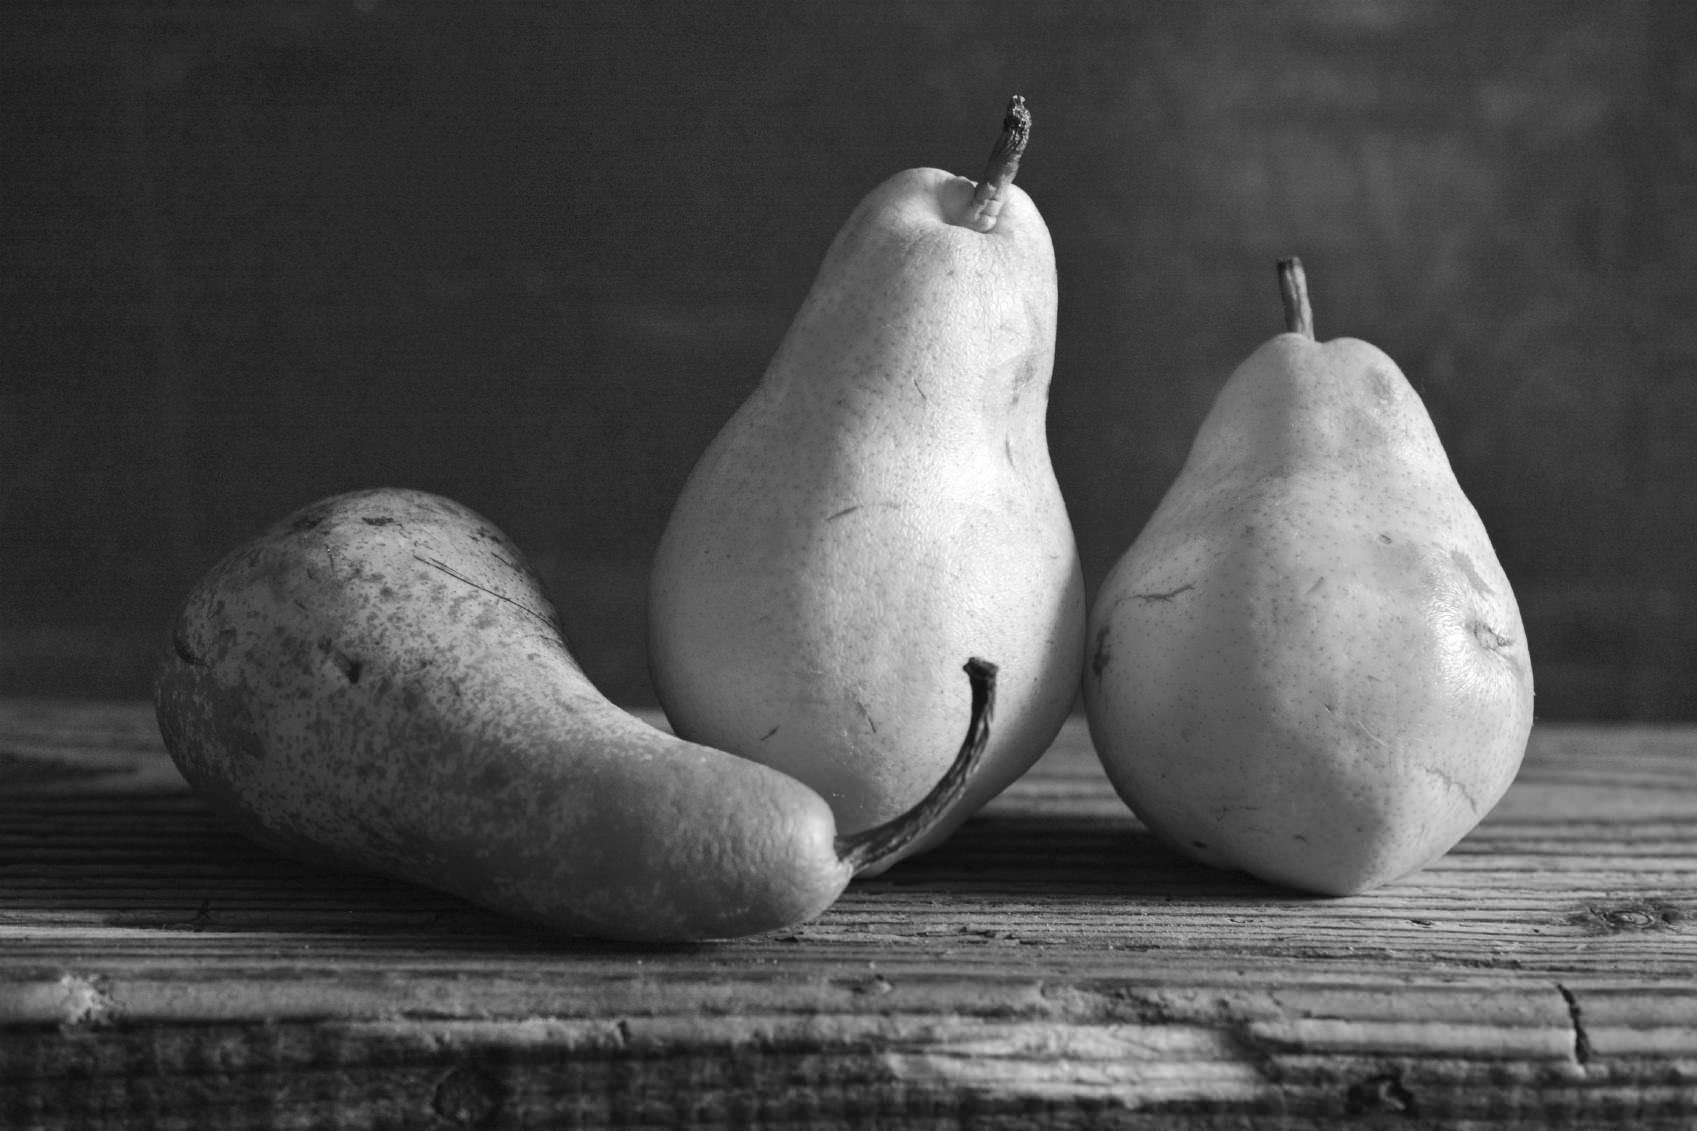 I soggetti ideali per la fotografia in bianco e nero